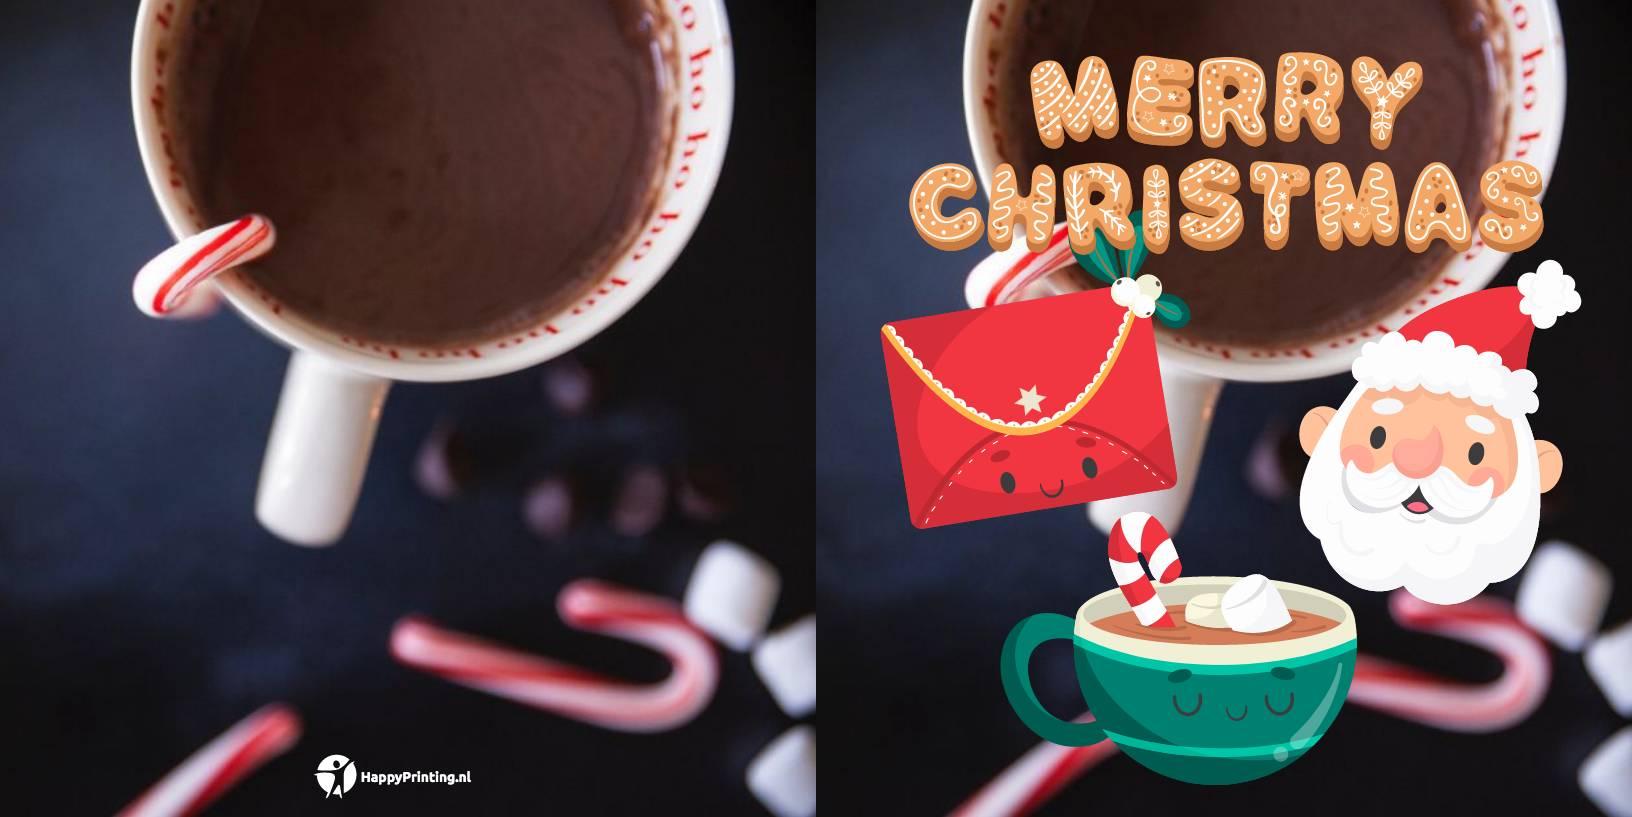 Persoonlijk _ Kerst 014 _ P